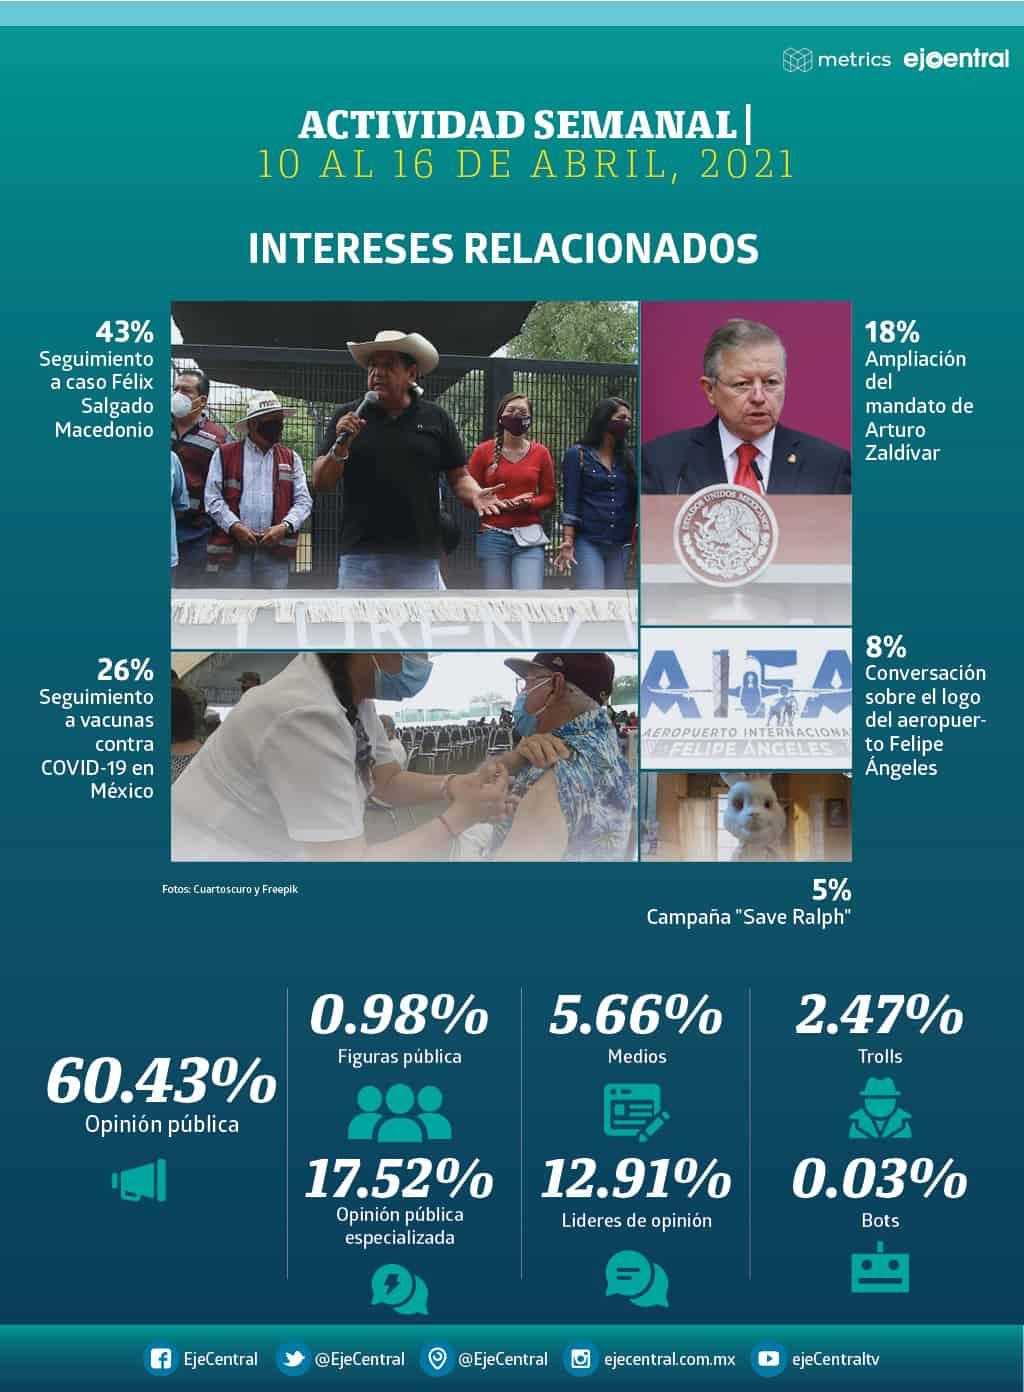 Metrics - Facebook, Félix Salgado Macedonio, Gobierno de Guerrero, Redes Sociales